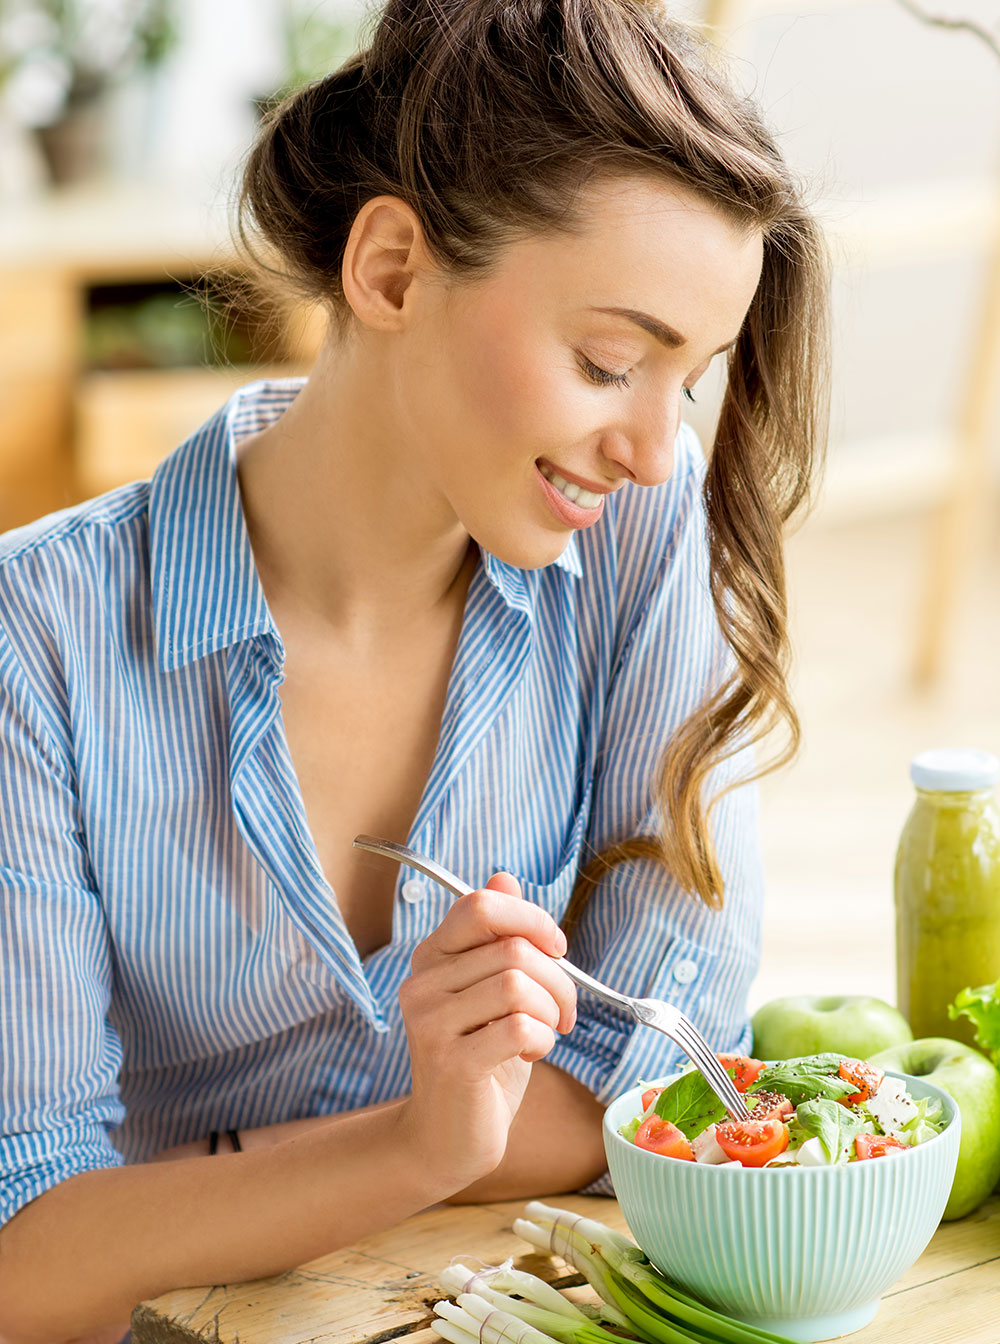 Diet free teen